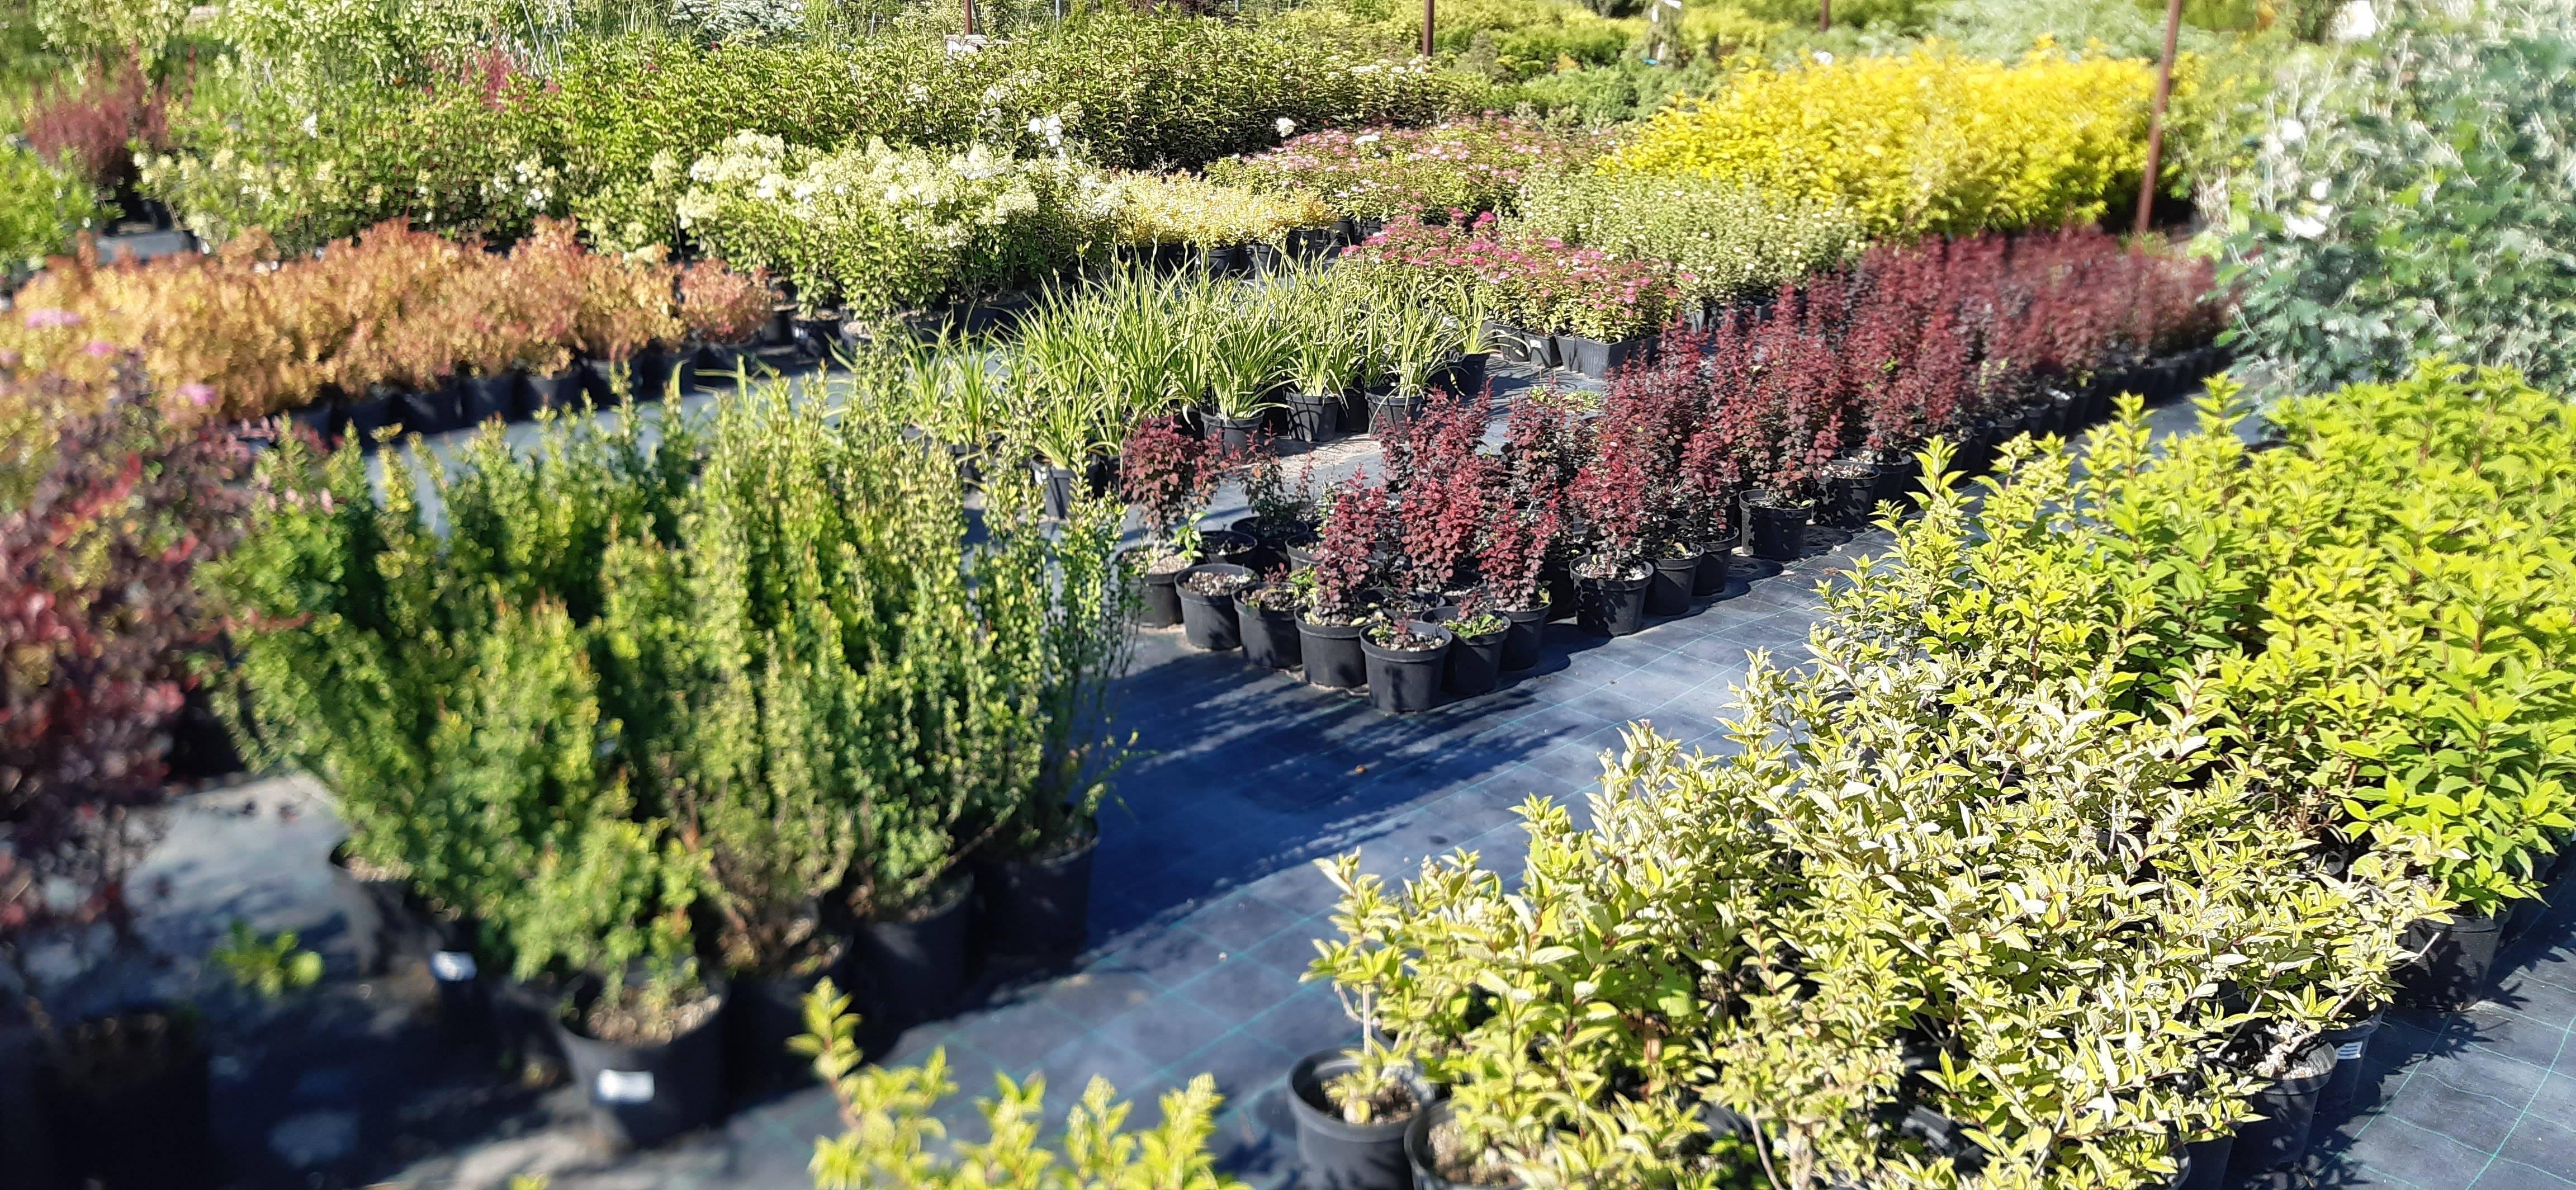 Что можно посадить и успешно вырастить на даче в тени?